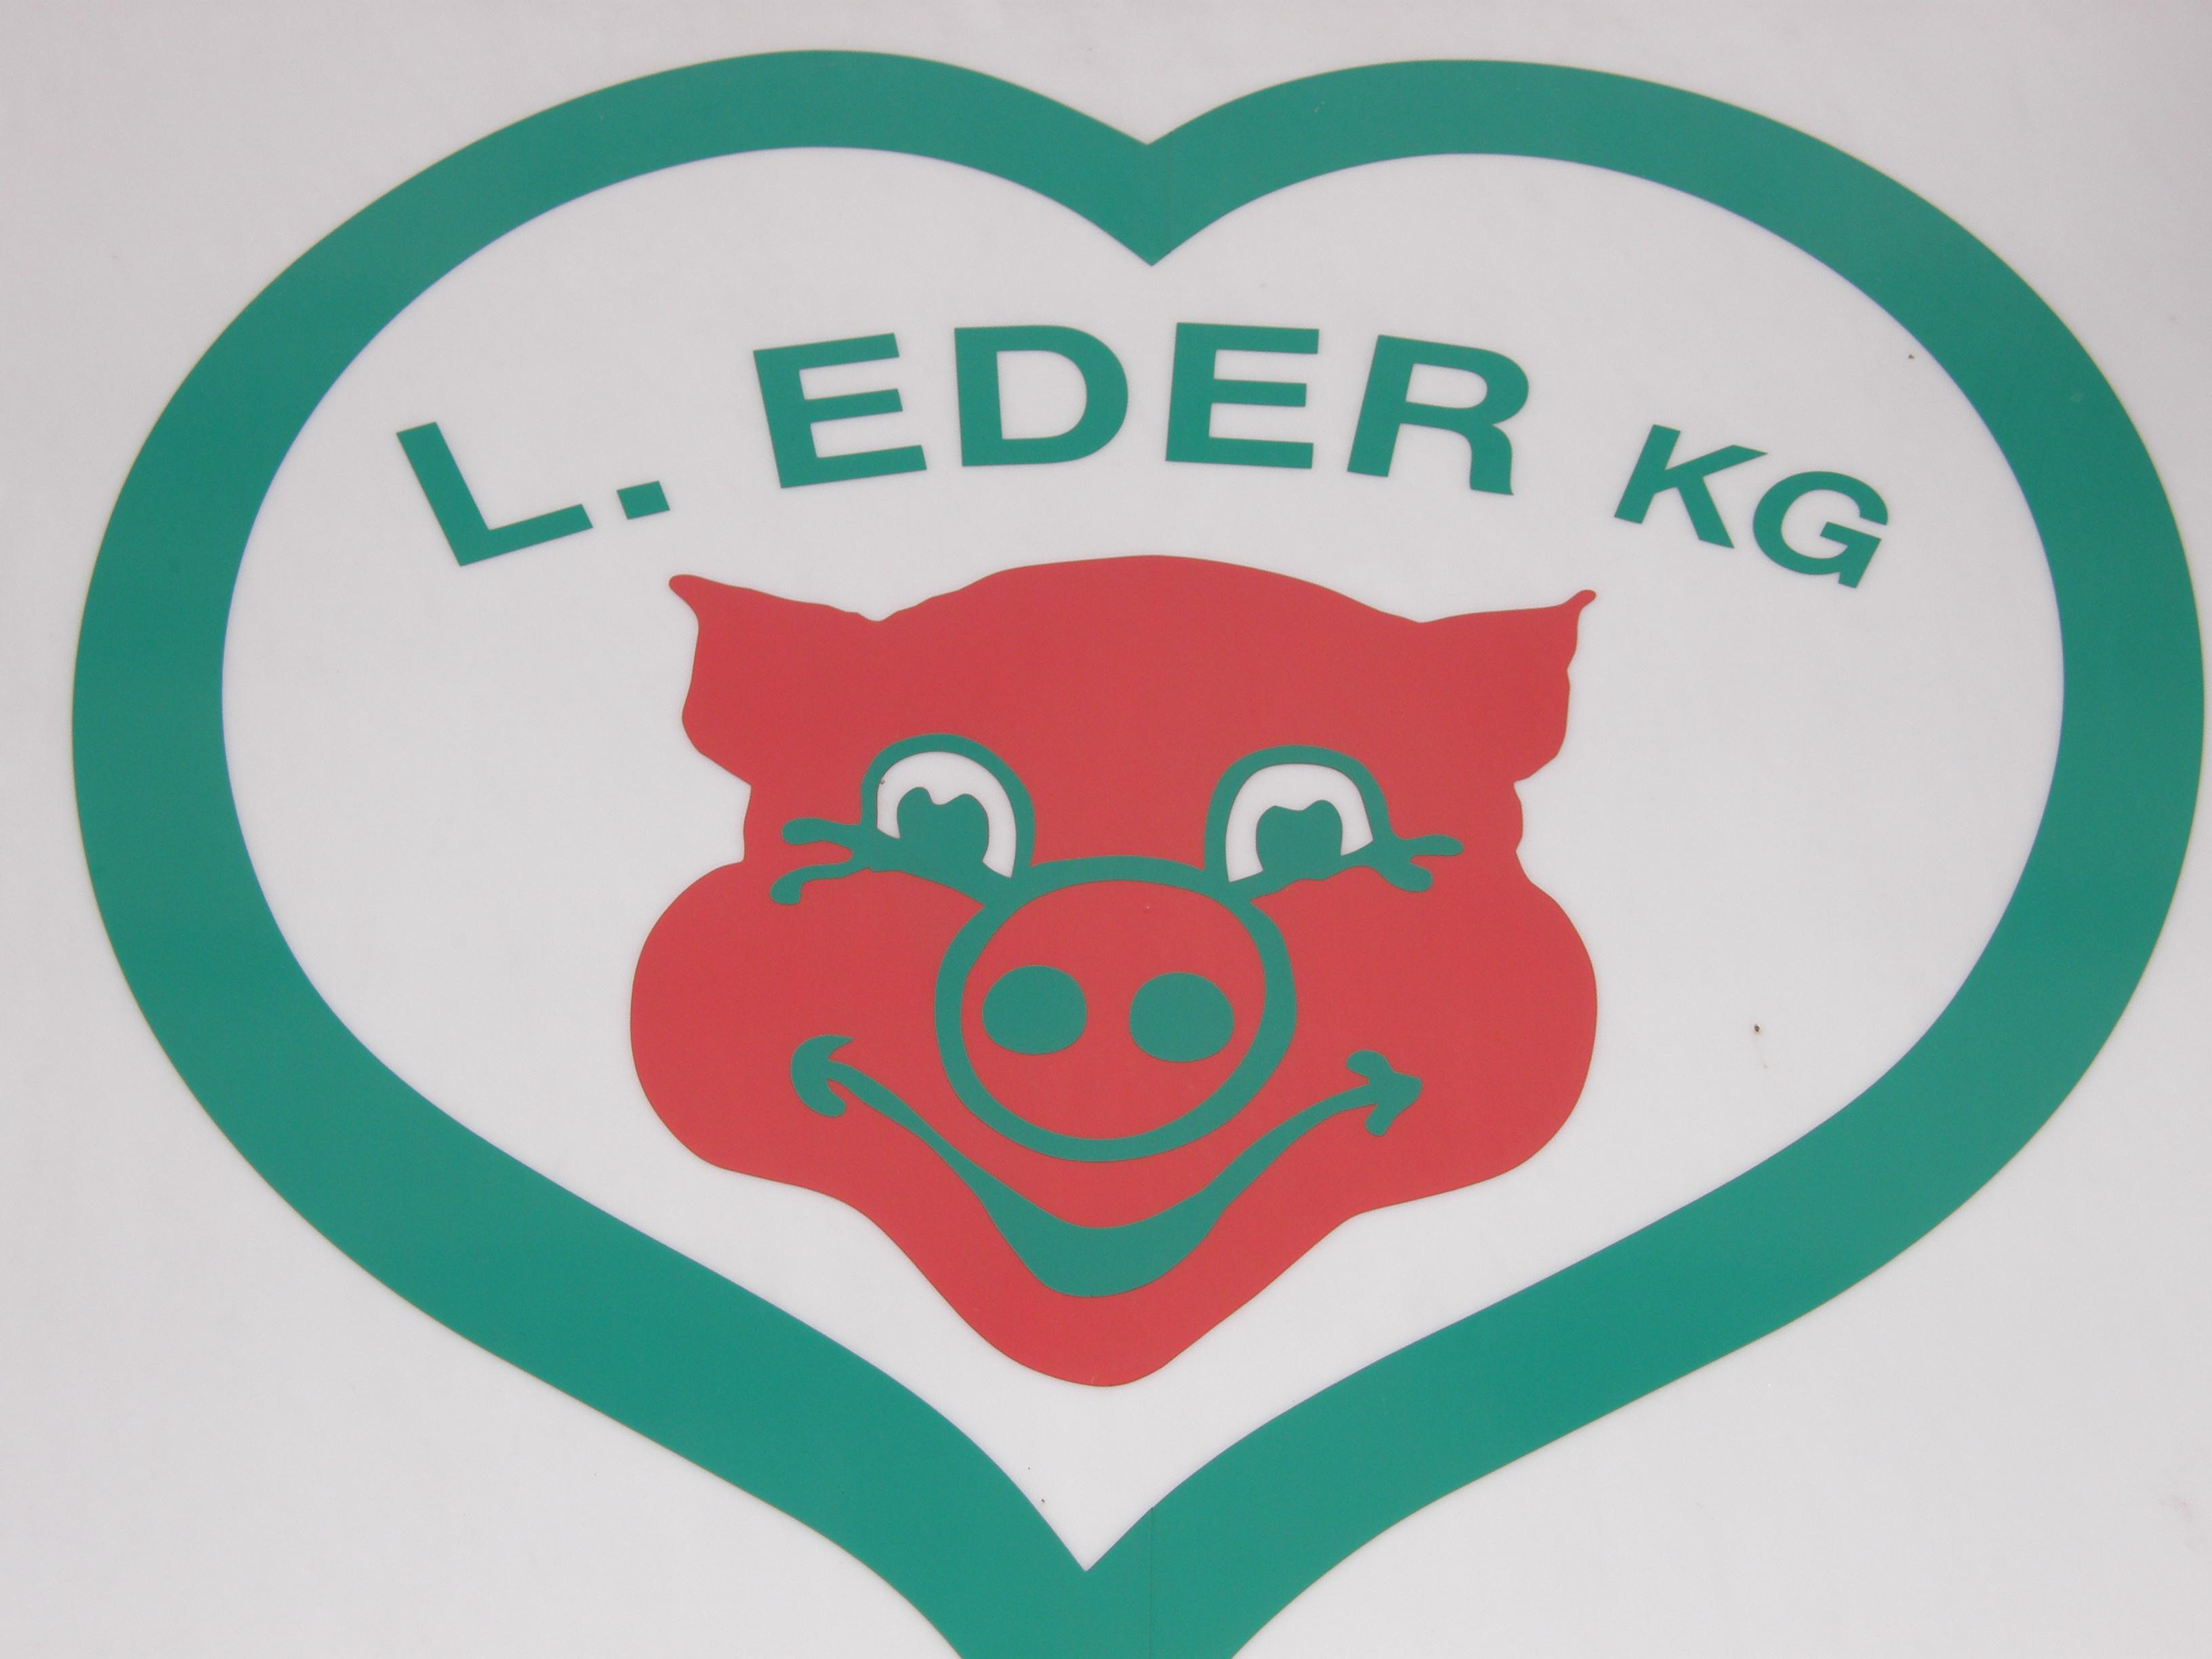 Eder Leopold